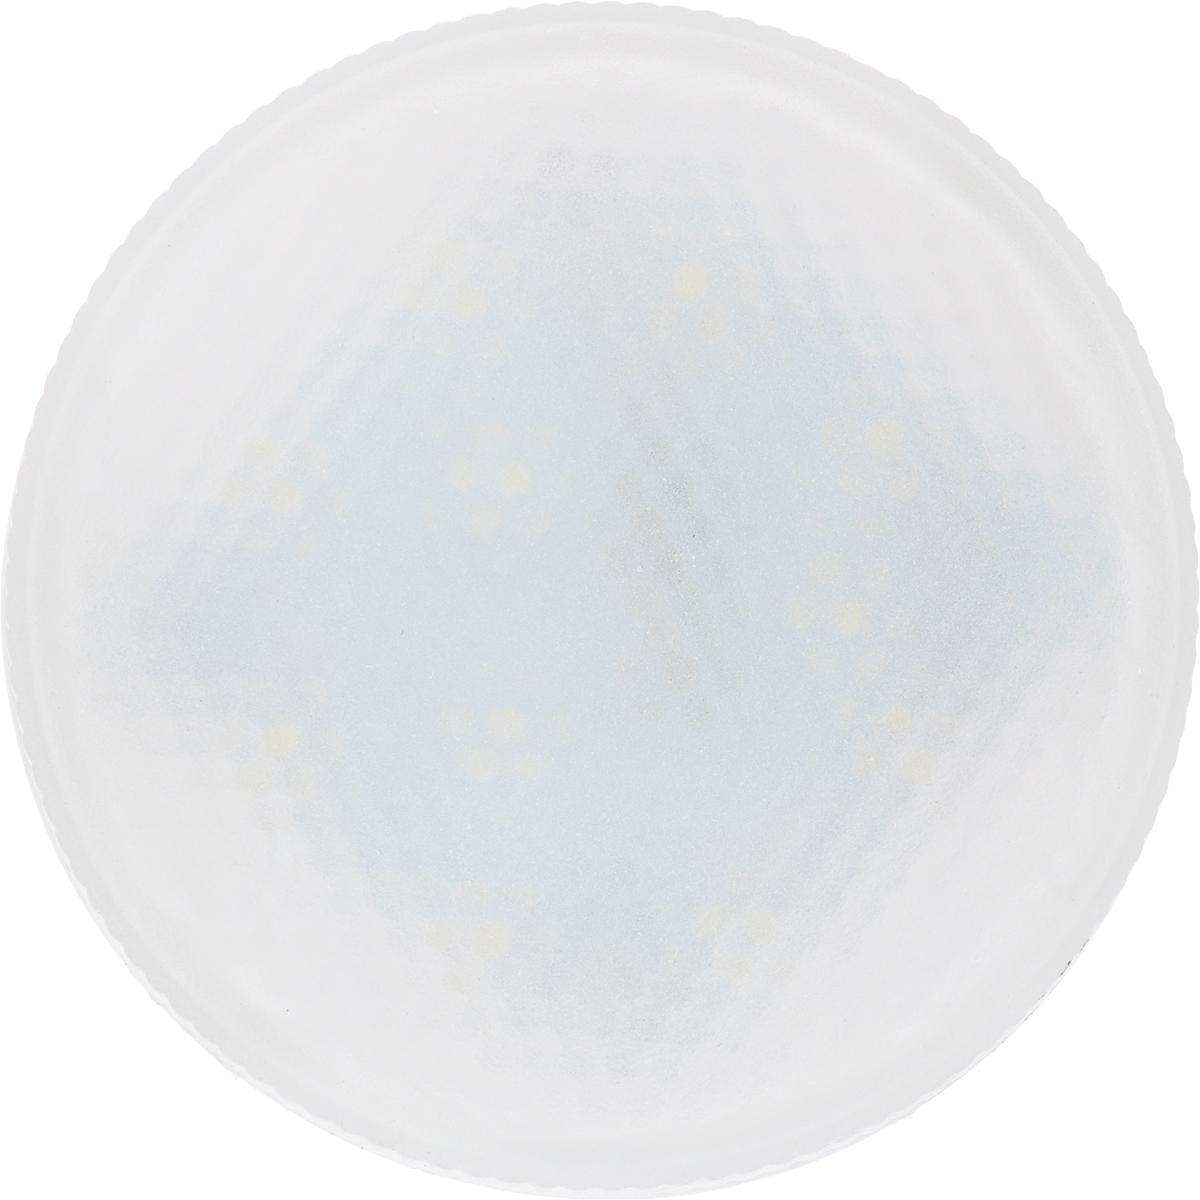 Светодиодная лампа Camelion 5W GX53 LED5-GX53/845 применяется для освещения жилых помещений, торговых залов и витрин. Более того, она не содержит ртути и не излучает инфракрасные и ультрафиолетовые лучи. Такие лампы очень компактные и удобные, это по-настоящему выгодное вложение в будущее.  Напряжение: 170-265В/50Гц.